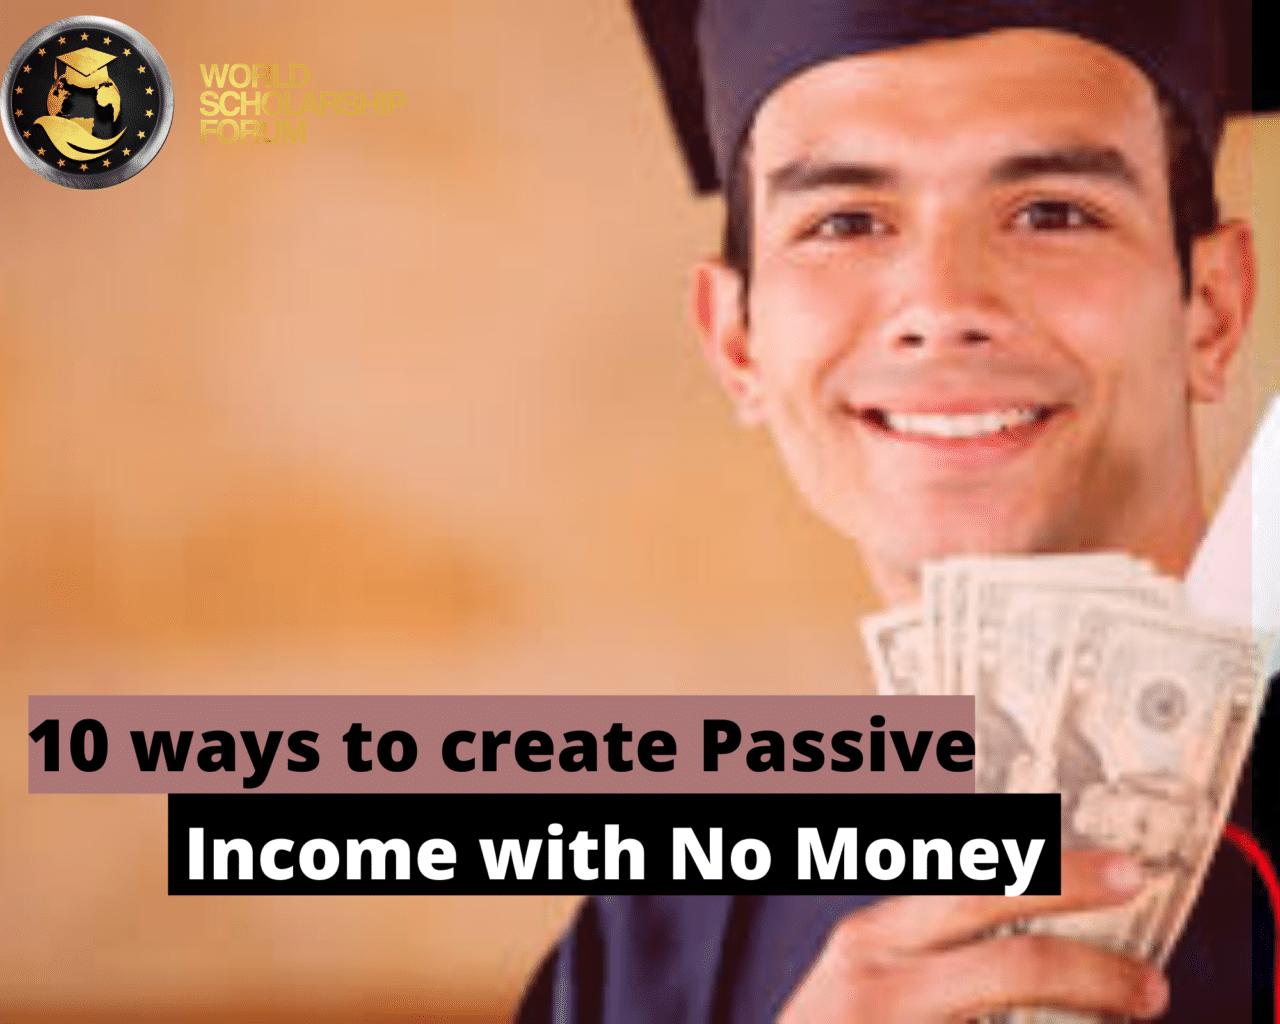 modalități de venit suplimentar fără a pierde timpul modalități de a câștiga bani 2020